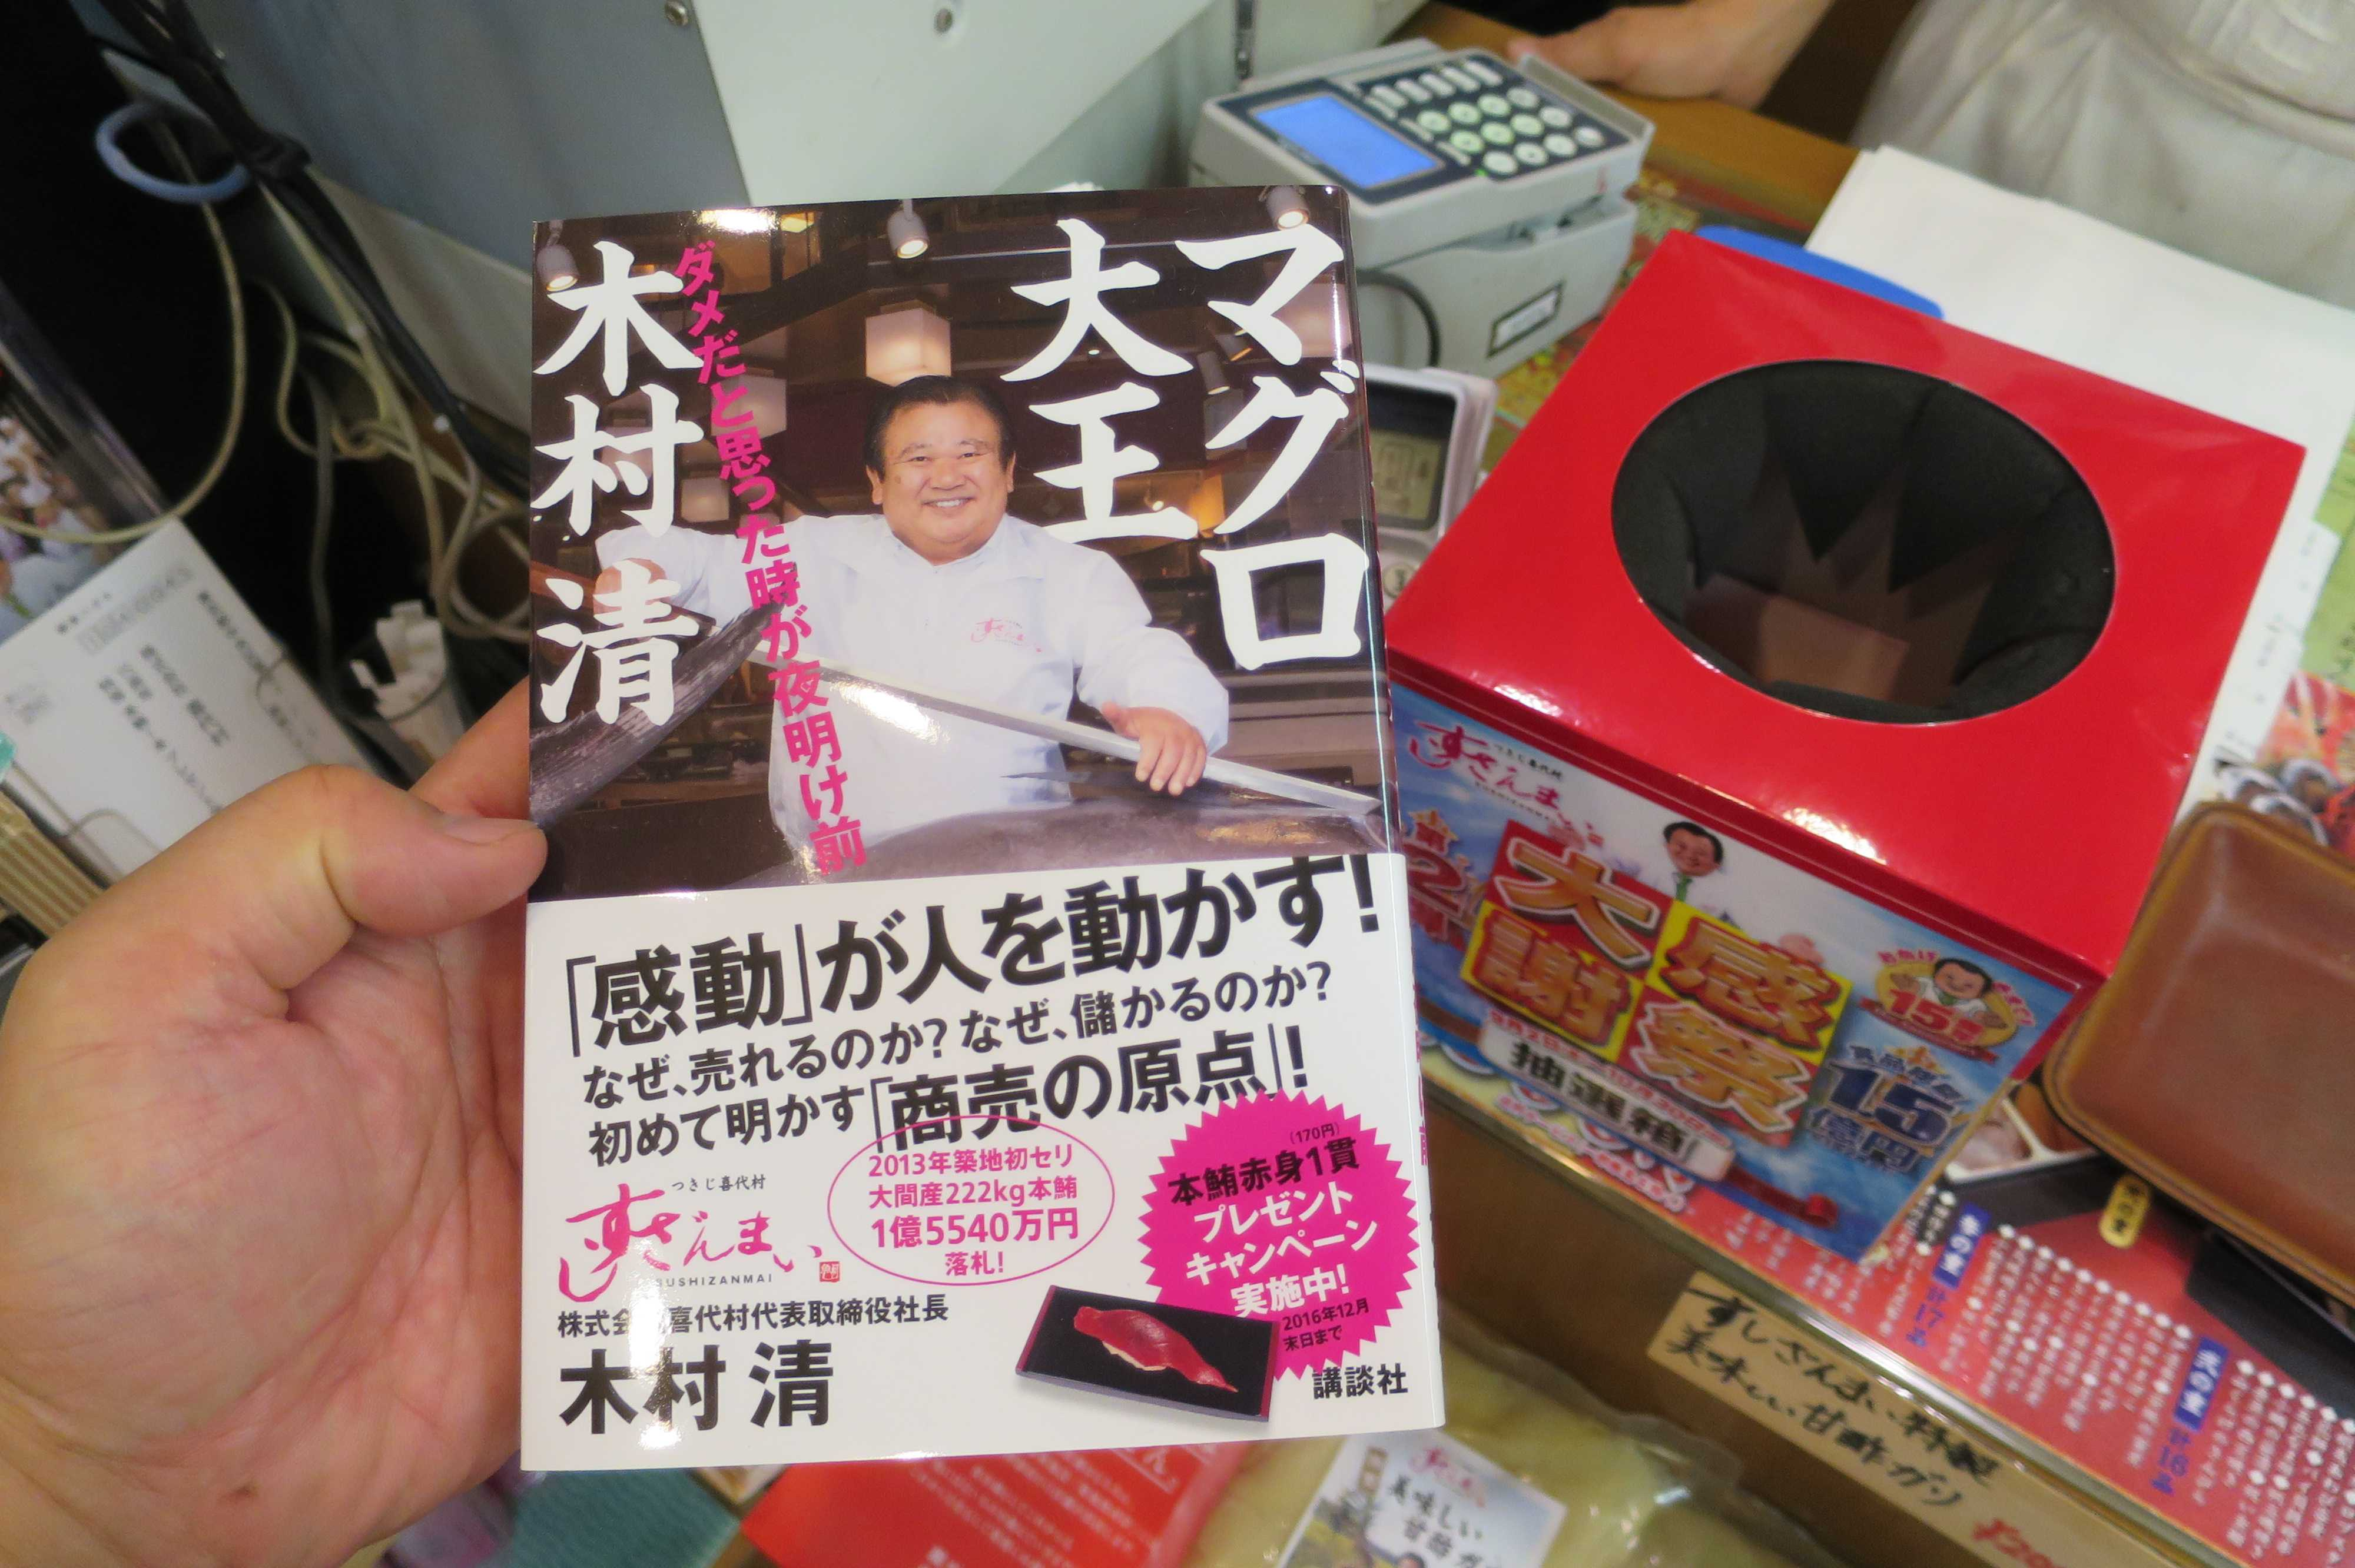 築地場外市場 - マグロ大王 木村清の本